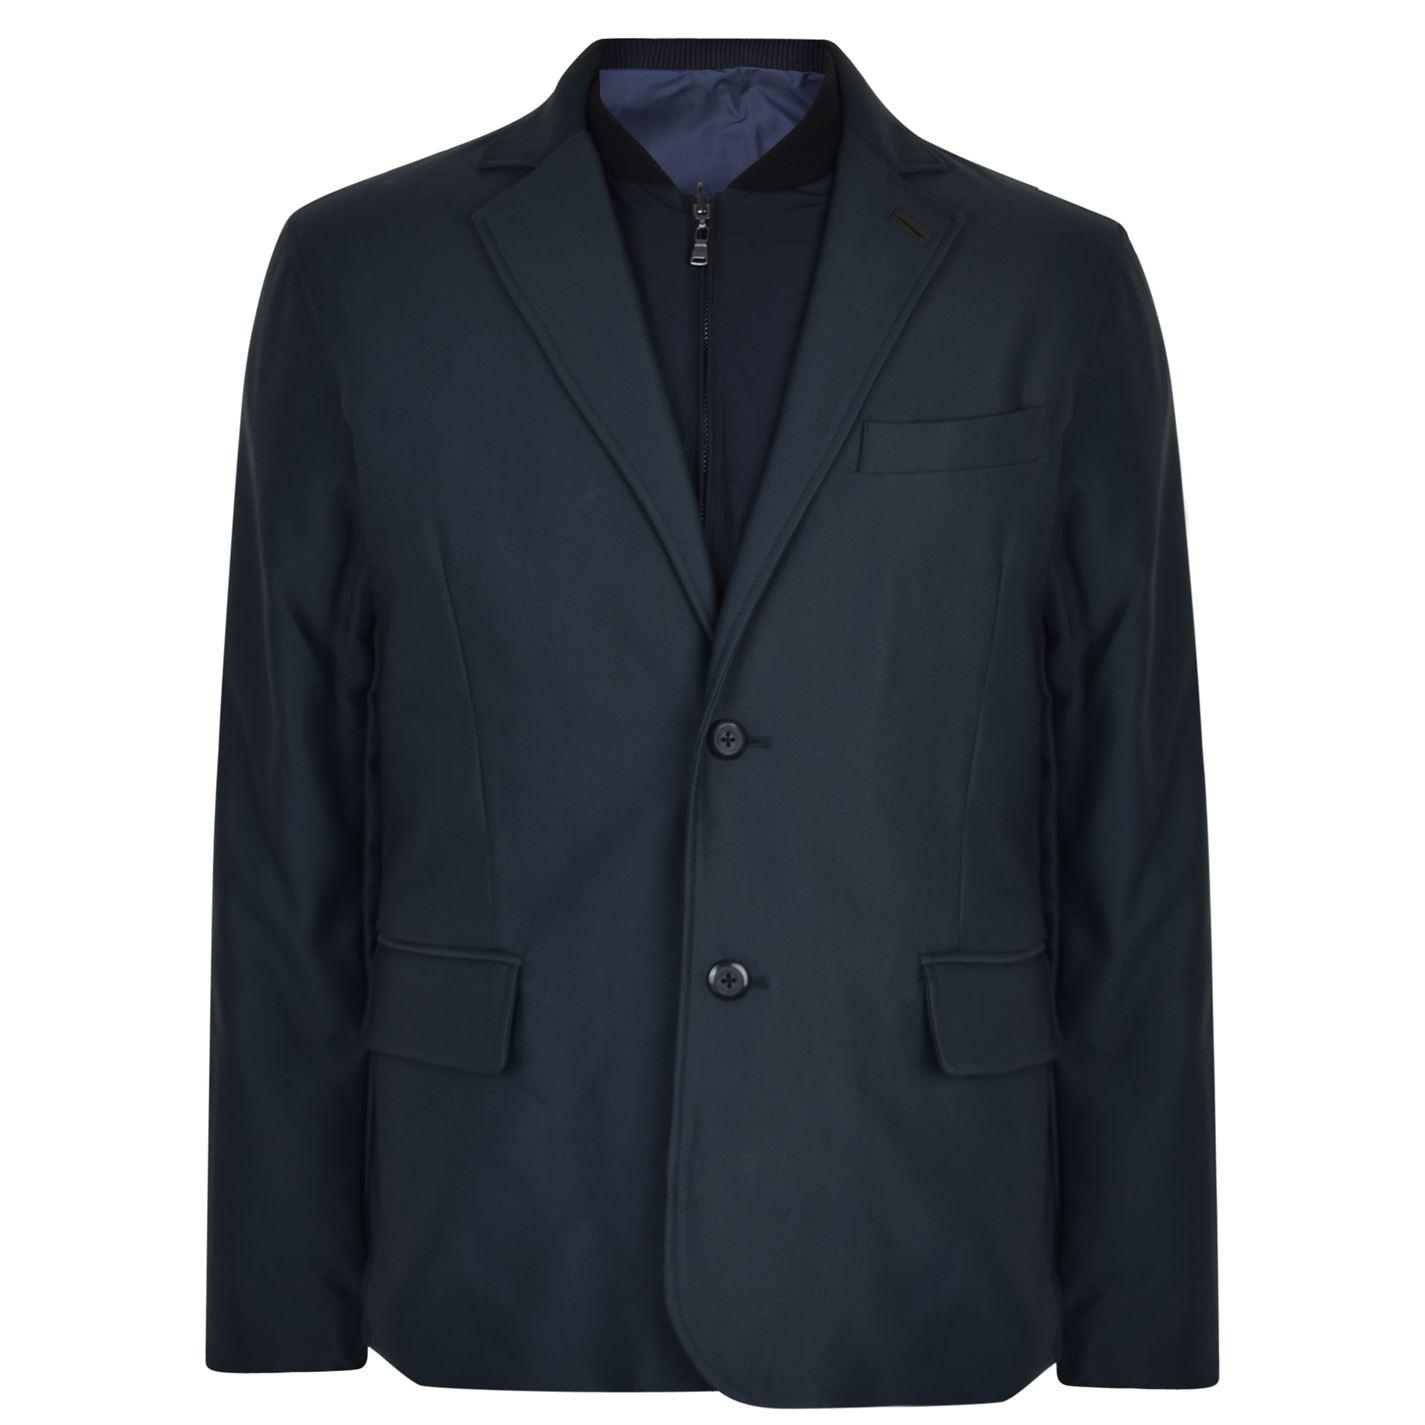 DKNY In 1 Coat And Bomber Jacket